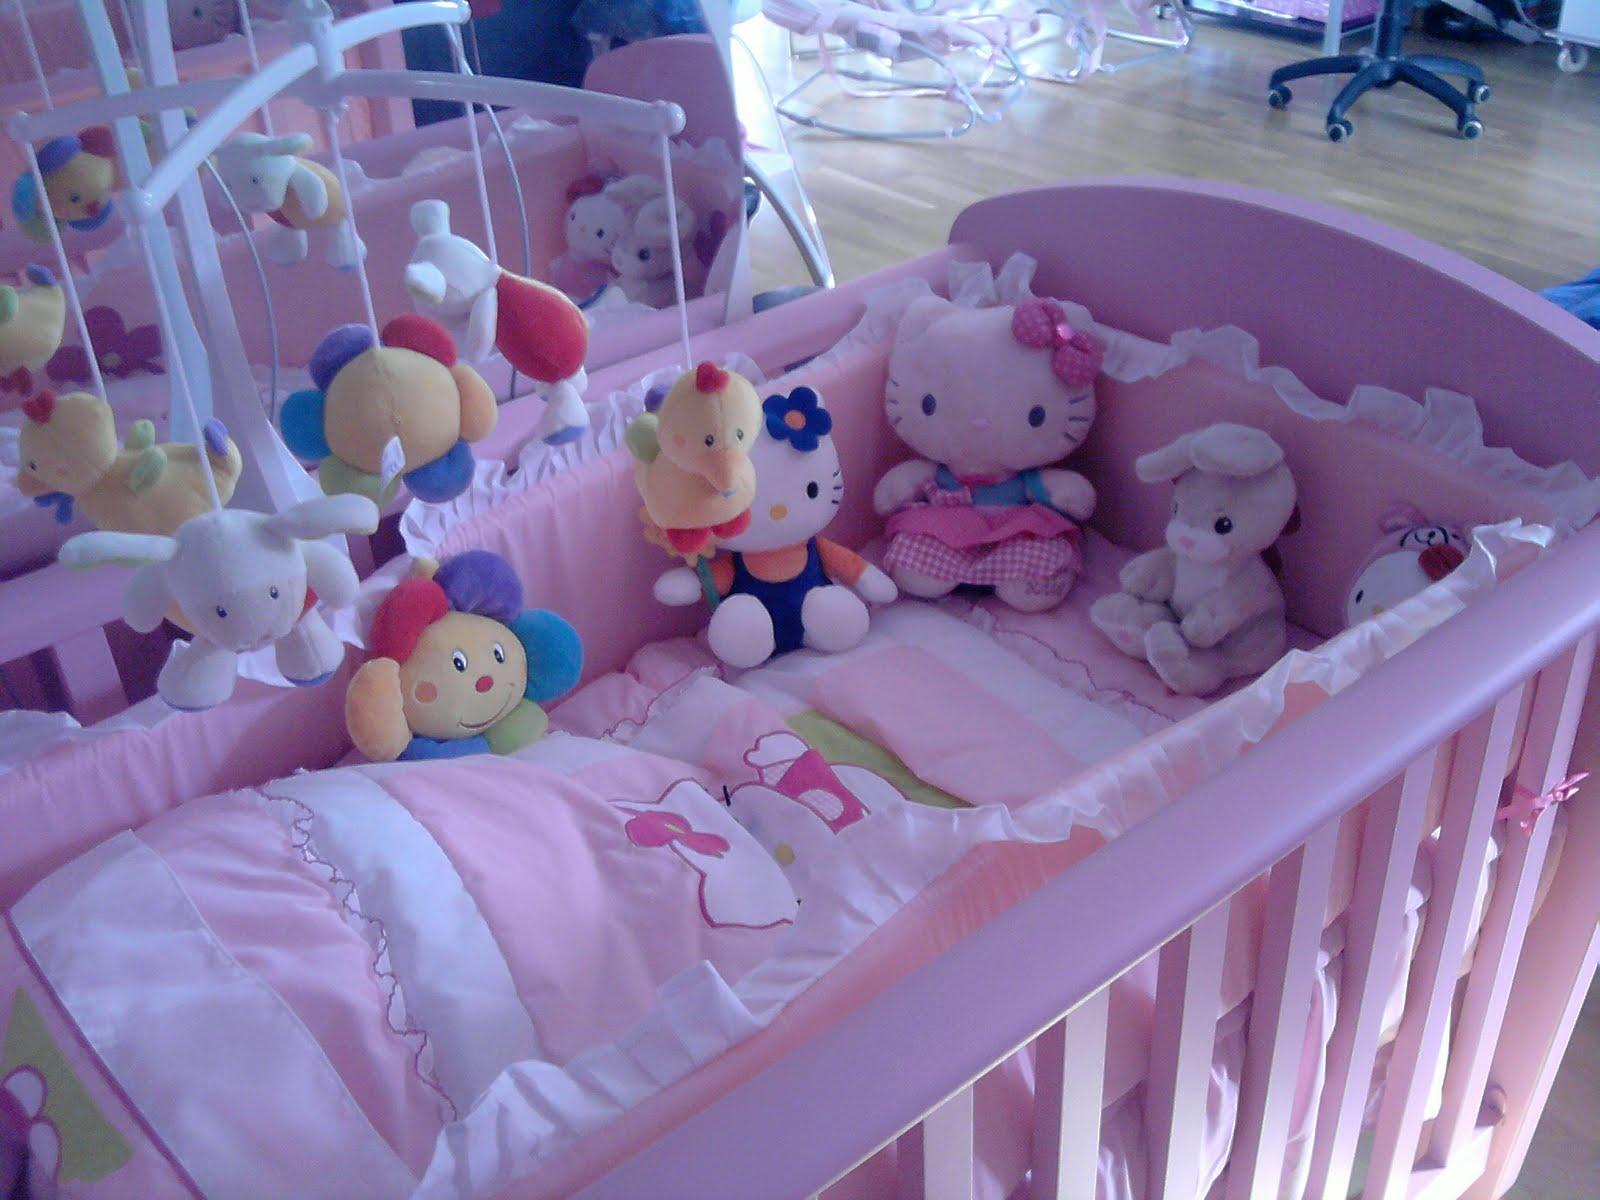 Habitaciones bebe habitacion hello kitty desire - Dibujos para habitaciones de bebes ...